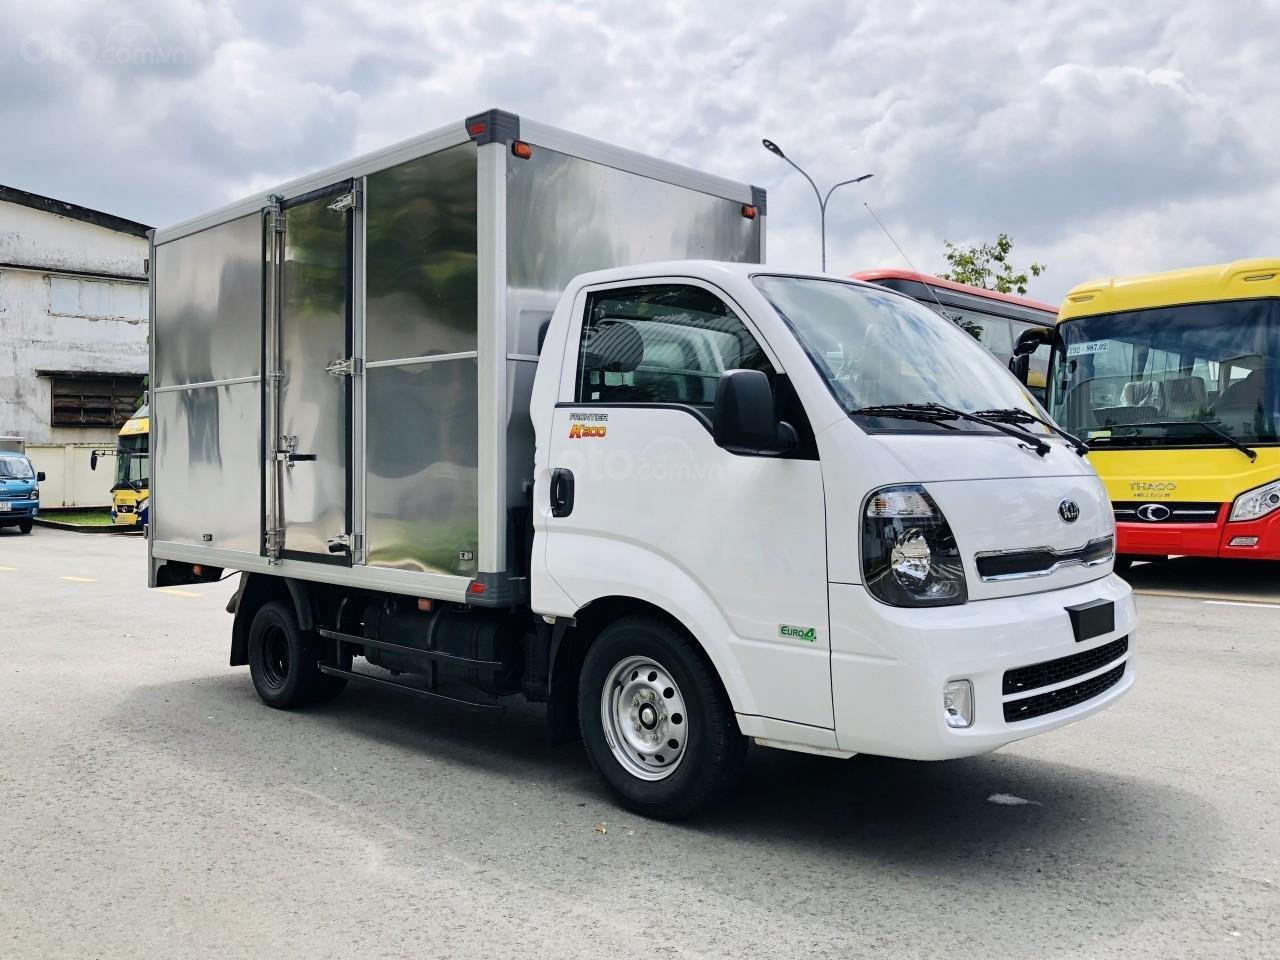 Xe tải Kia 1T / xe tải Kia 1T4/ xe tải Kia 1T9/ Kia K200/ trả góp 75% (2)